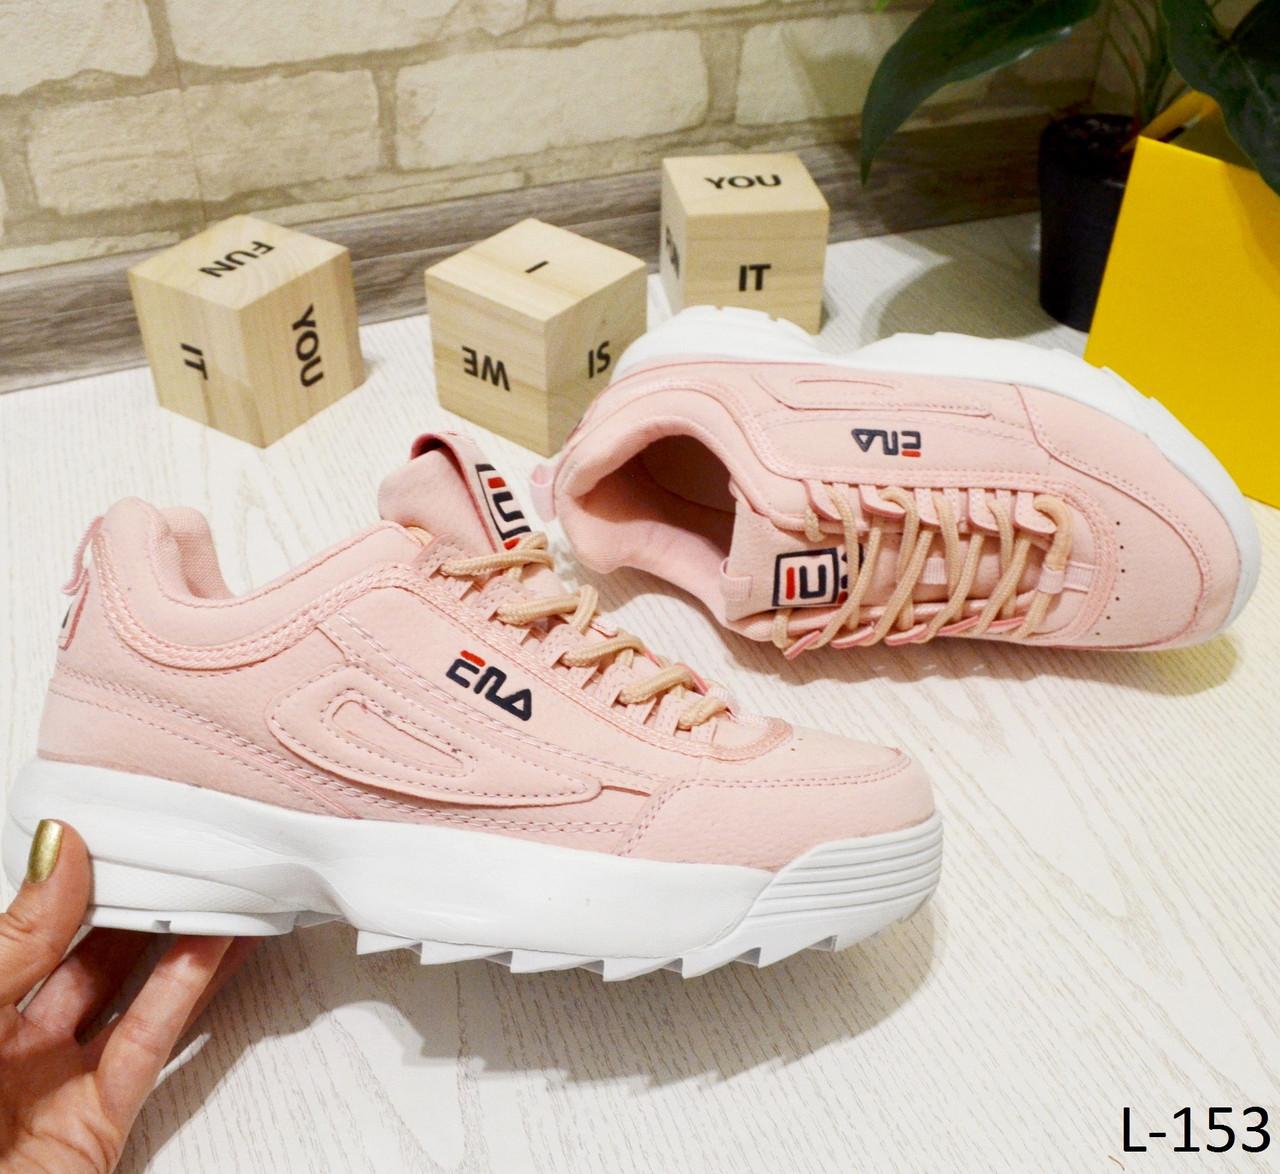 18729cc2 Кроссовки розовые на высокой подошве, женская спортивная обувь -  Интернет-магазин